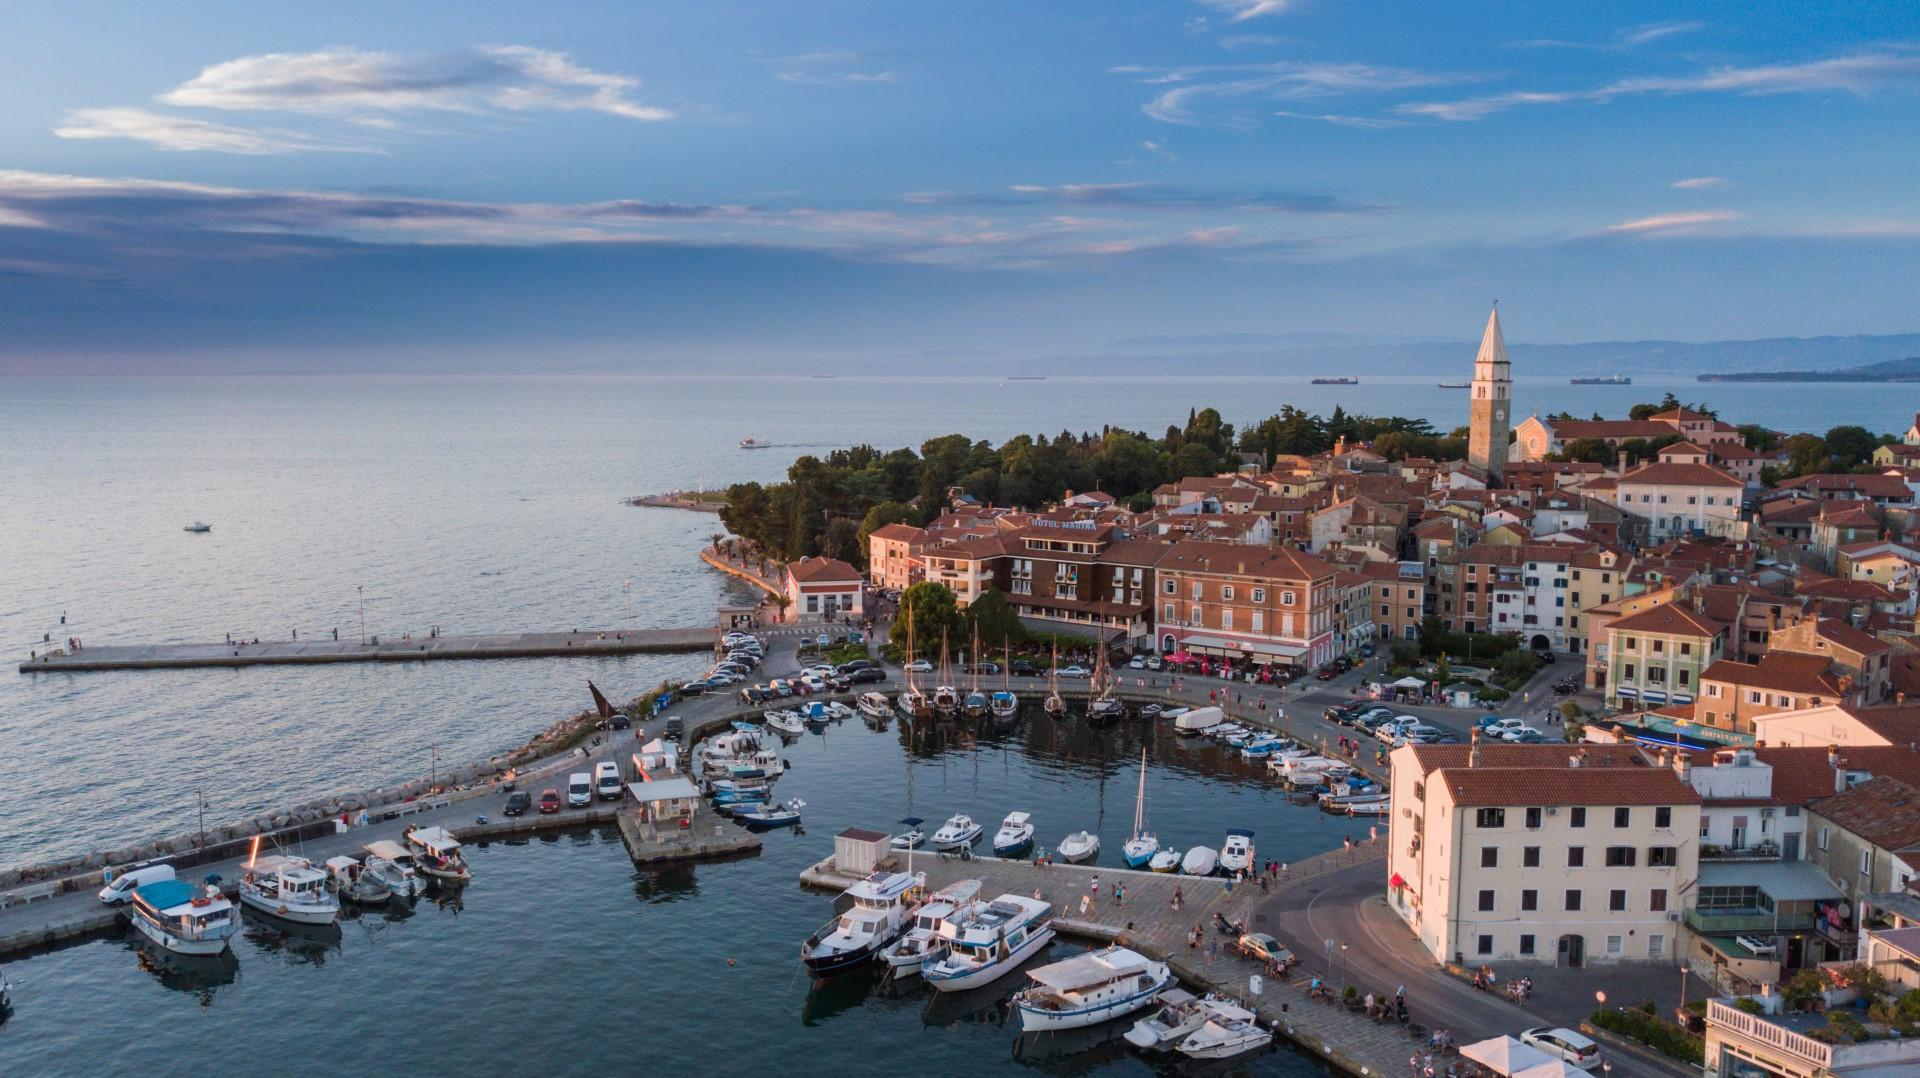 Slovenia: al mare con tante belle sorprese